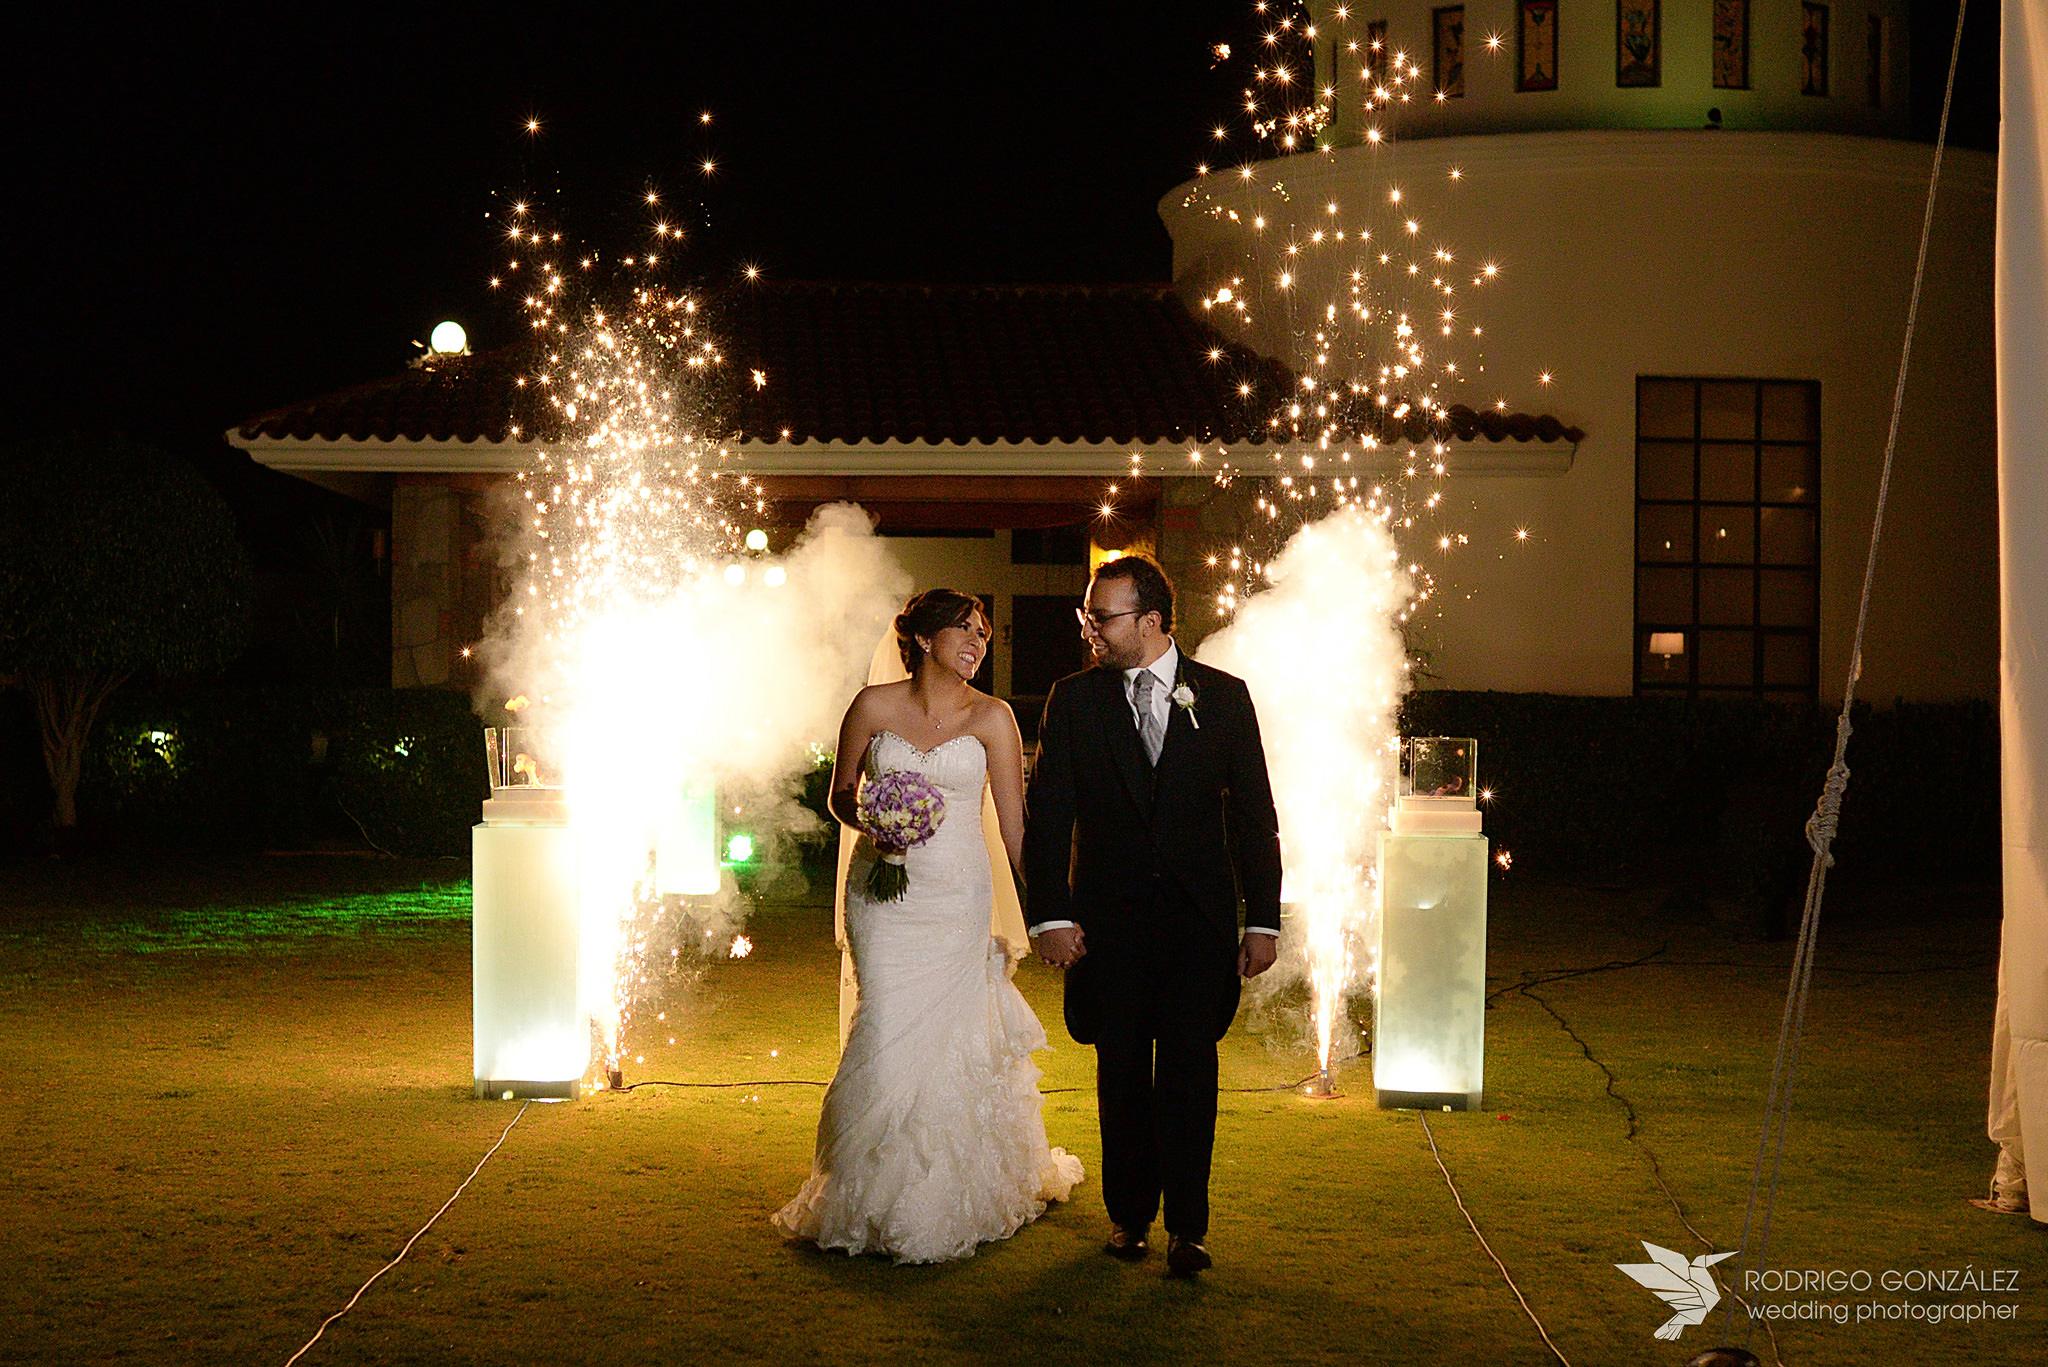 fotógrafos-de-bodas-en-puebla-0526